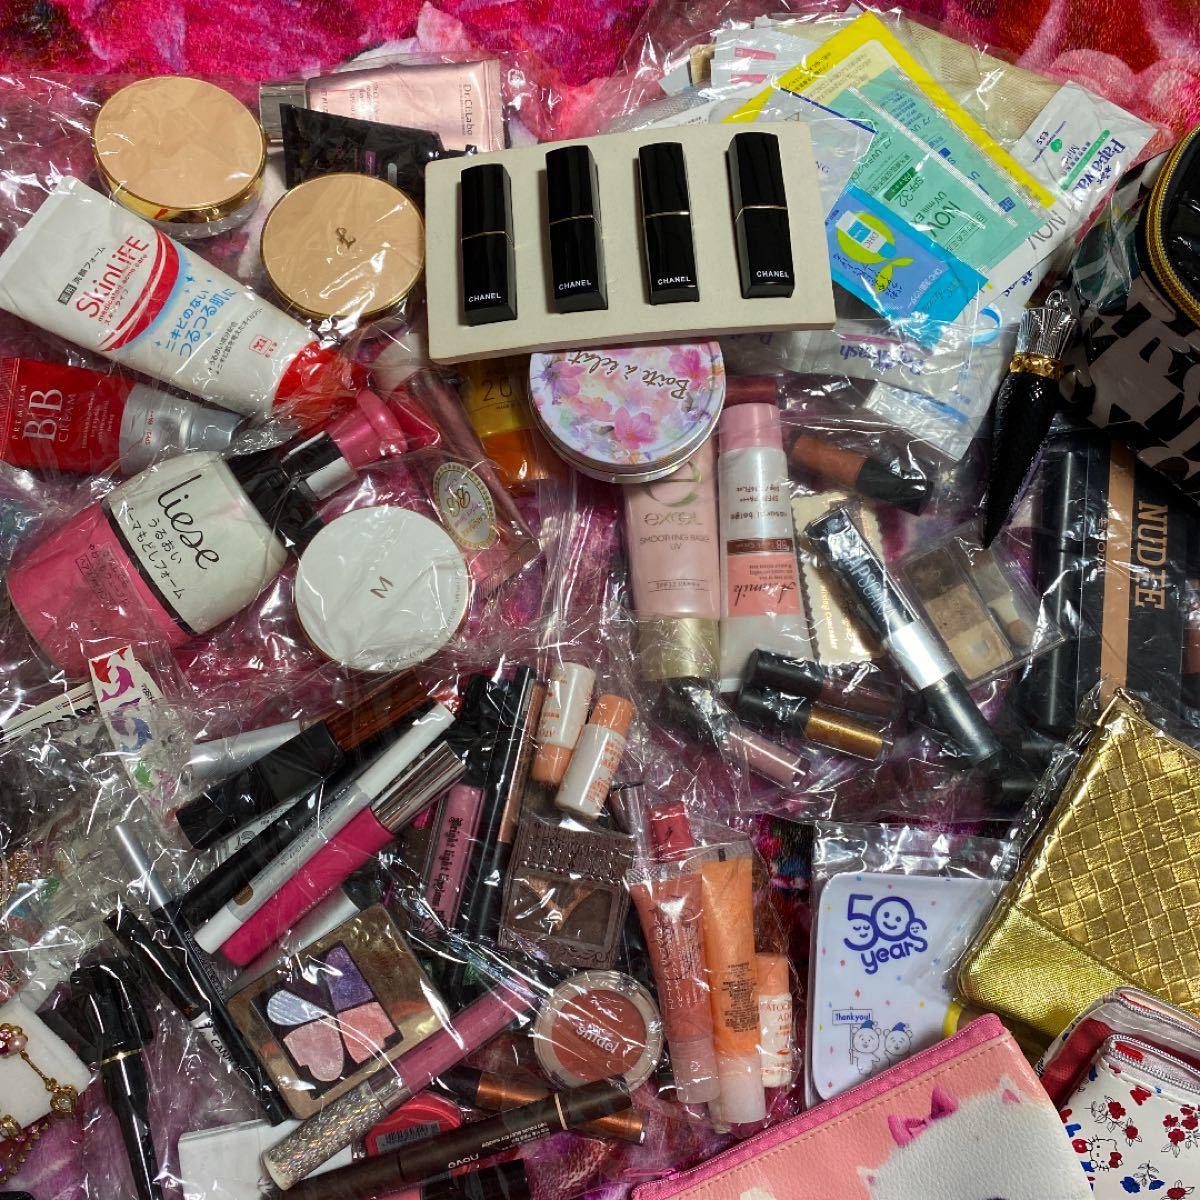 化粧品 大量セット ネイル コスメ アイシャドウ キャンメイク